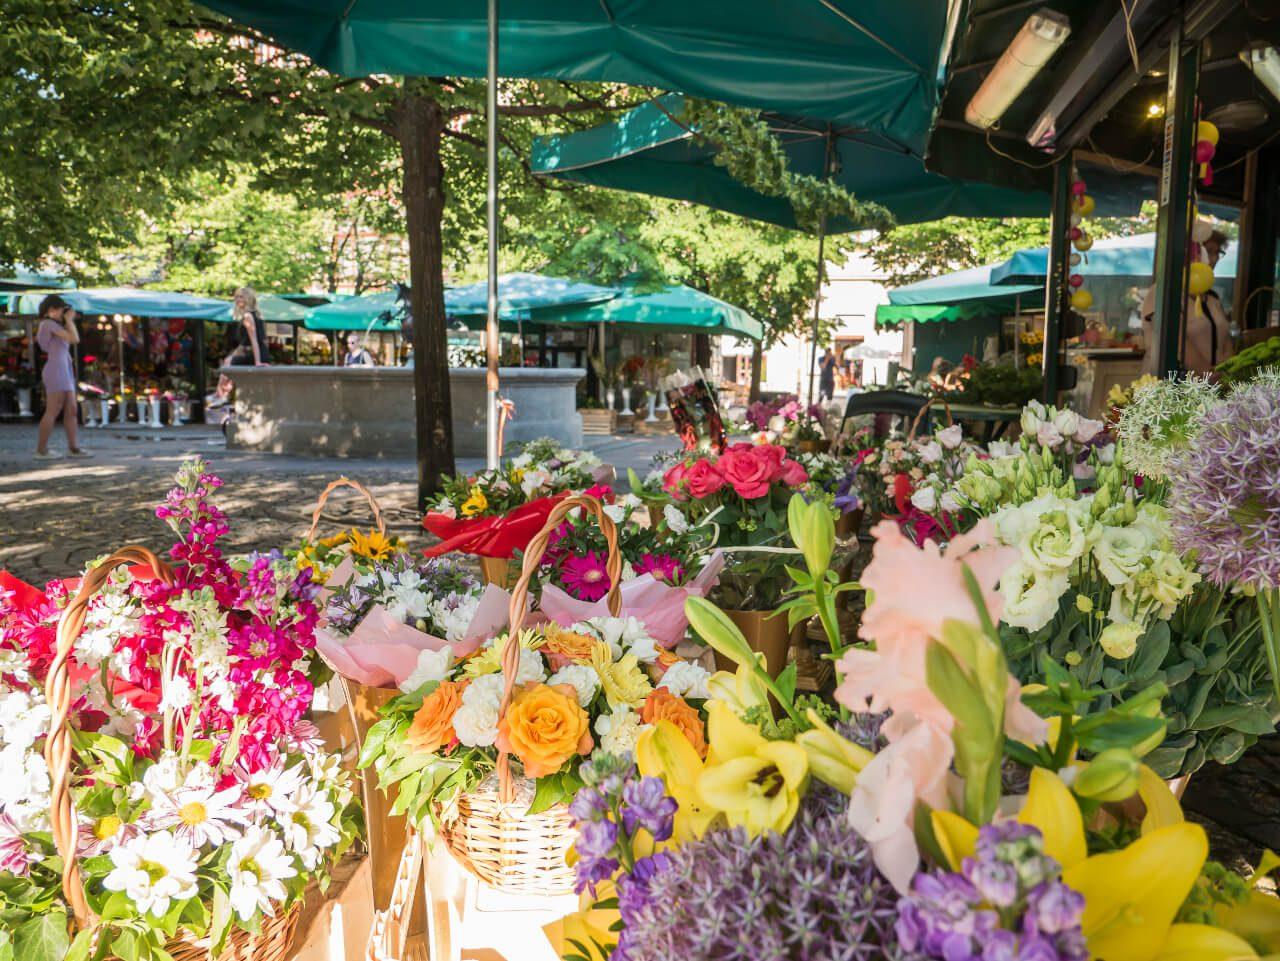 Targ kwiatowy na Placu Solnym we Wrocławiu